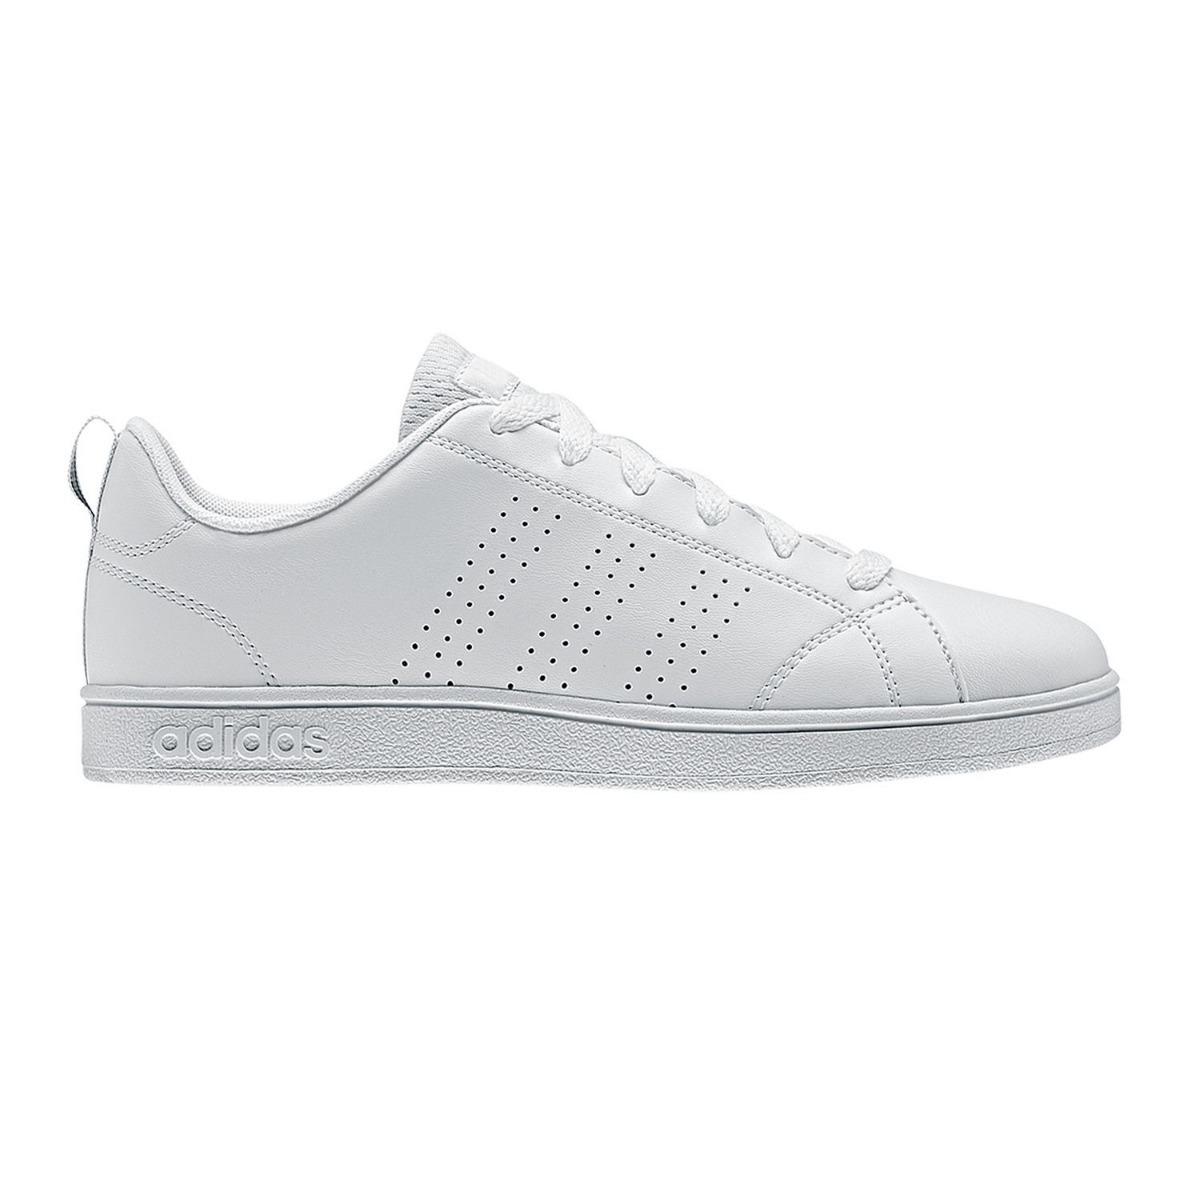 Tenis Dama-mujer adidas Neo Blanco Sintetico Nh731